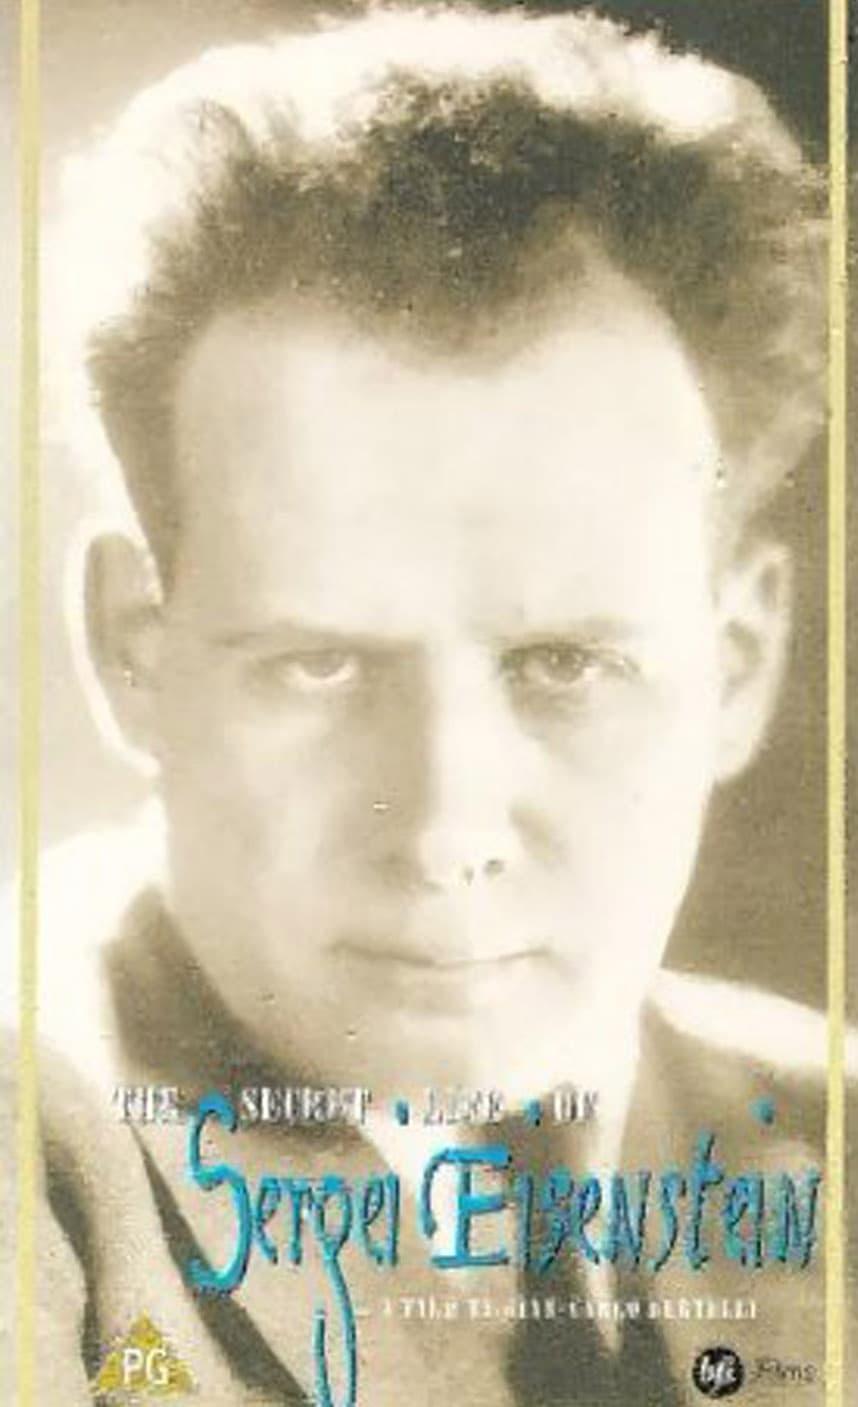 The Secret Life of Sergei Eisenstein